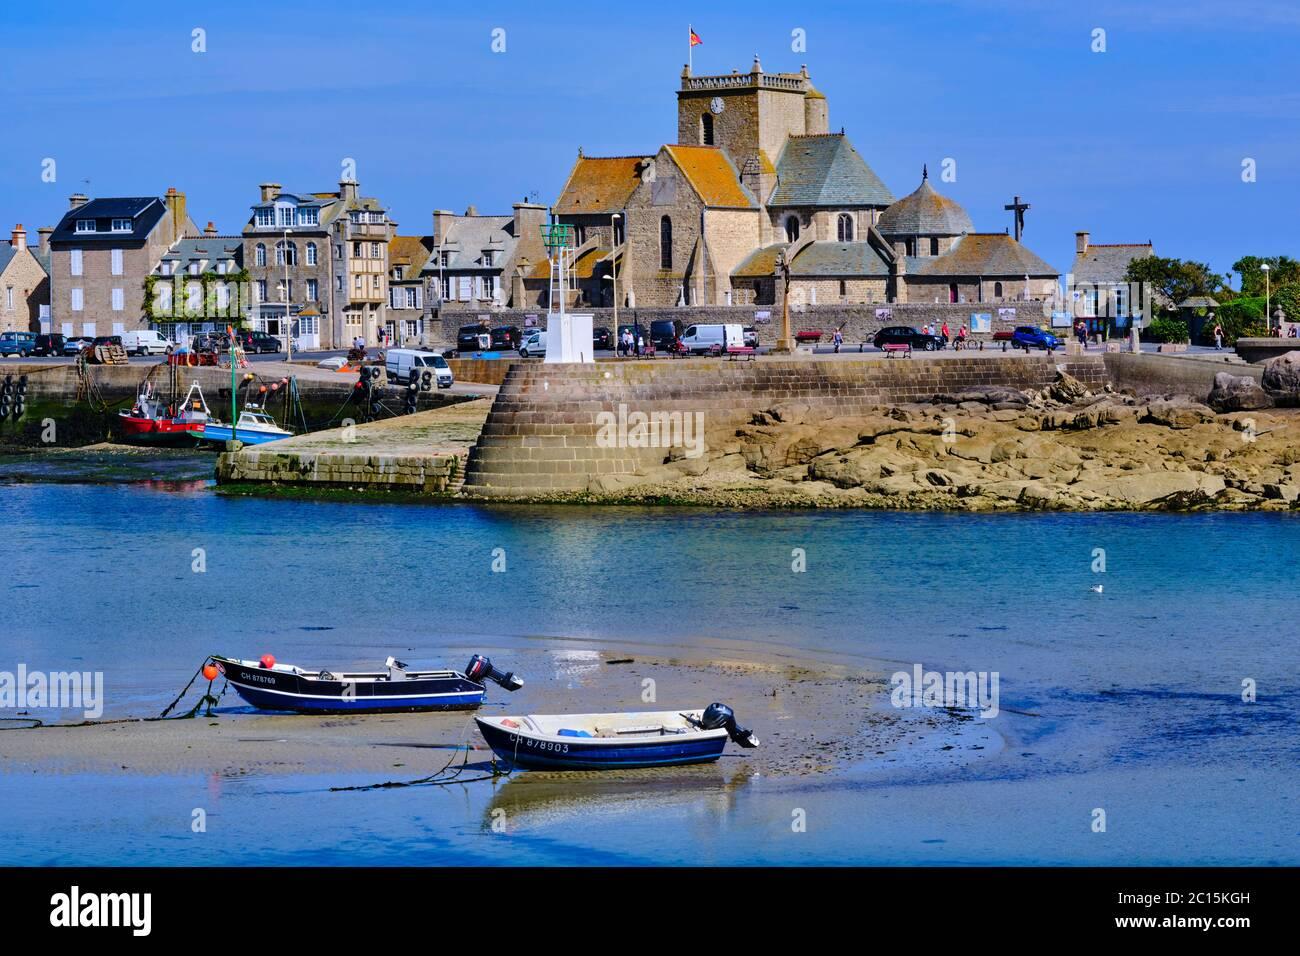 Francia, Normandía, departamento de la Mancha, Cotentin, Barfleur, etiquetados Les Plus Beaux Villages de France, puerto pesquero de la caza de la mar y la iglesia de Saint-Nicolas Foto de stock